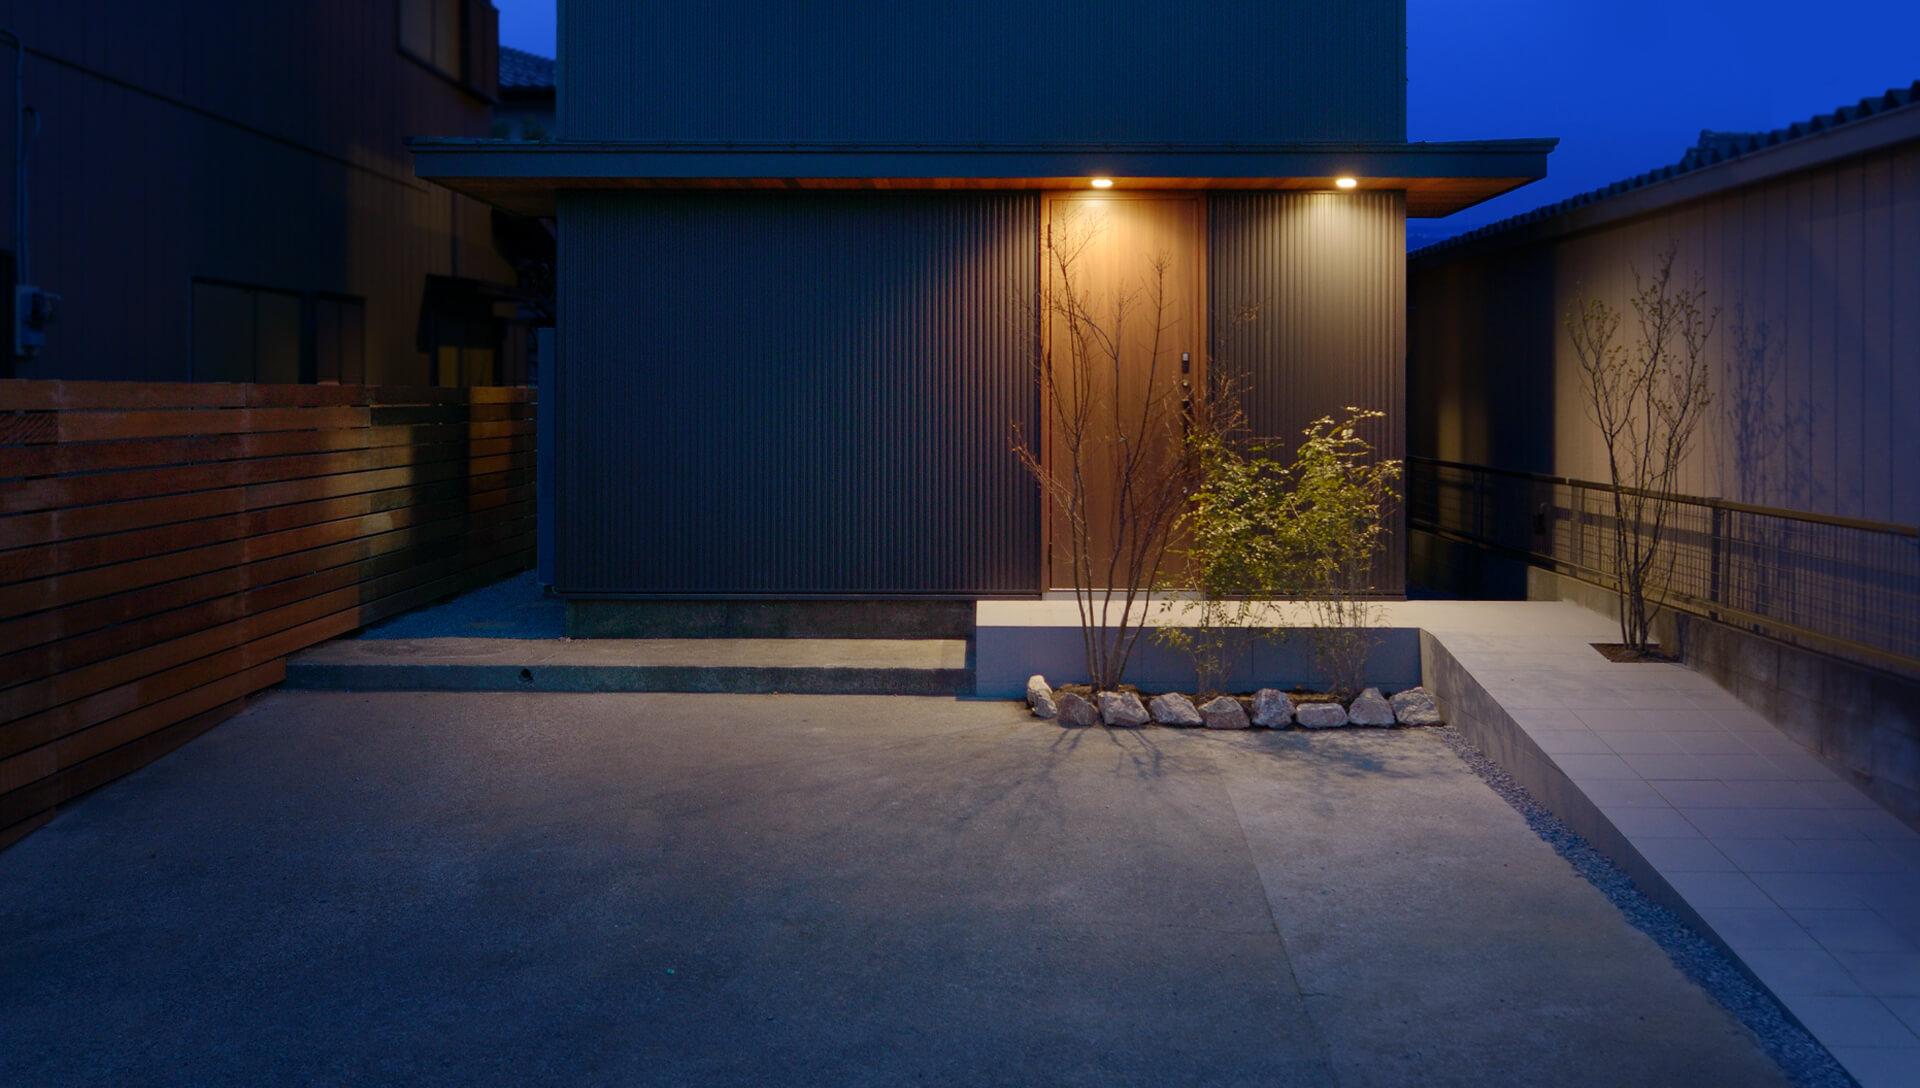 つくばみらい市でのリノベーション住宅の夜